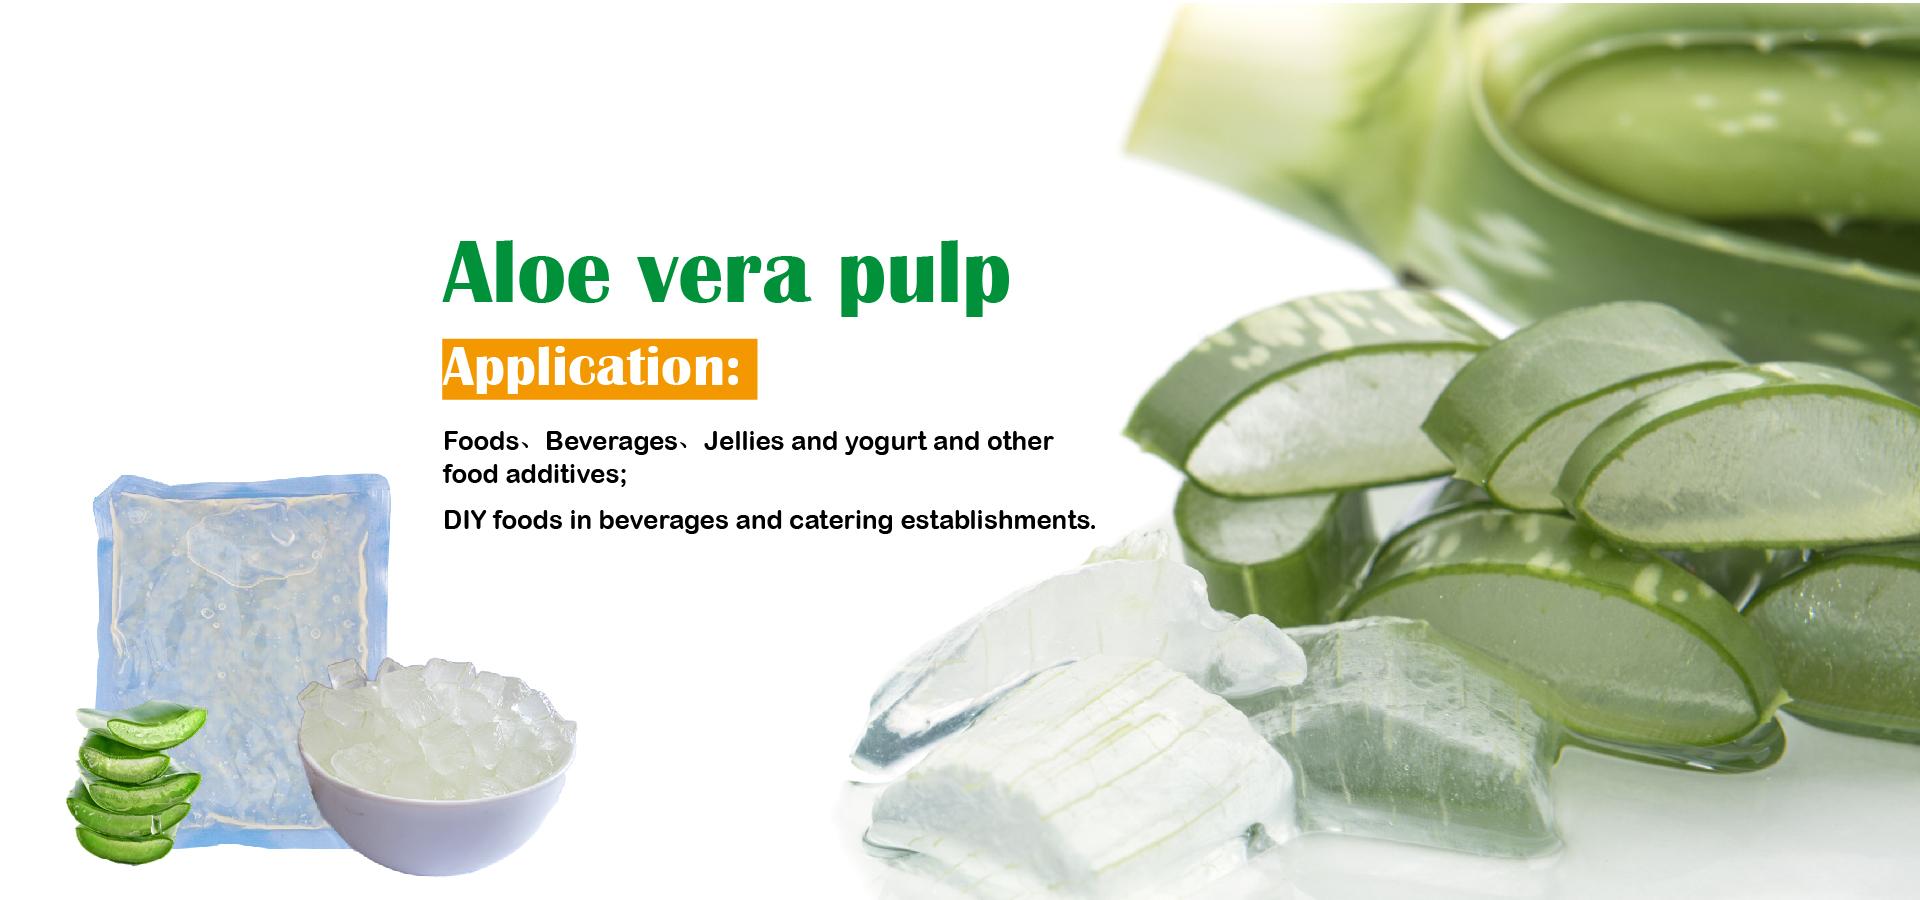 Aloe Vera Pulp Supplier